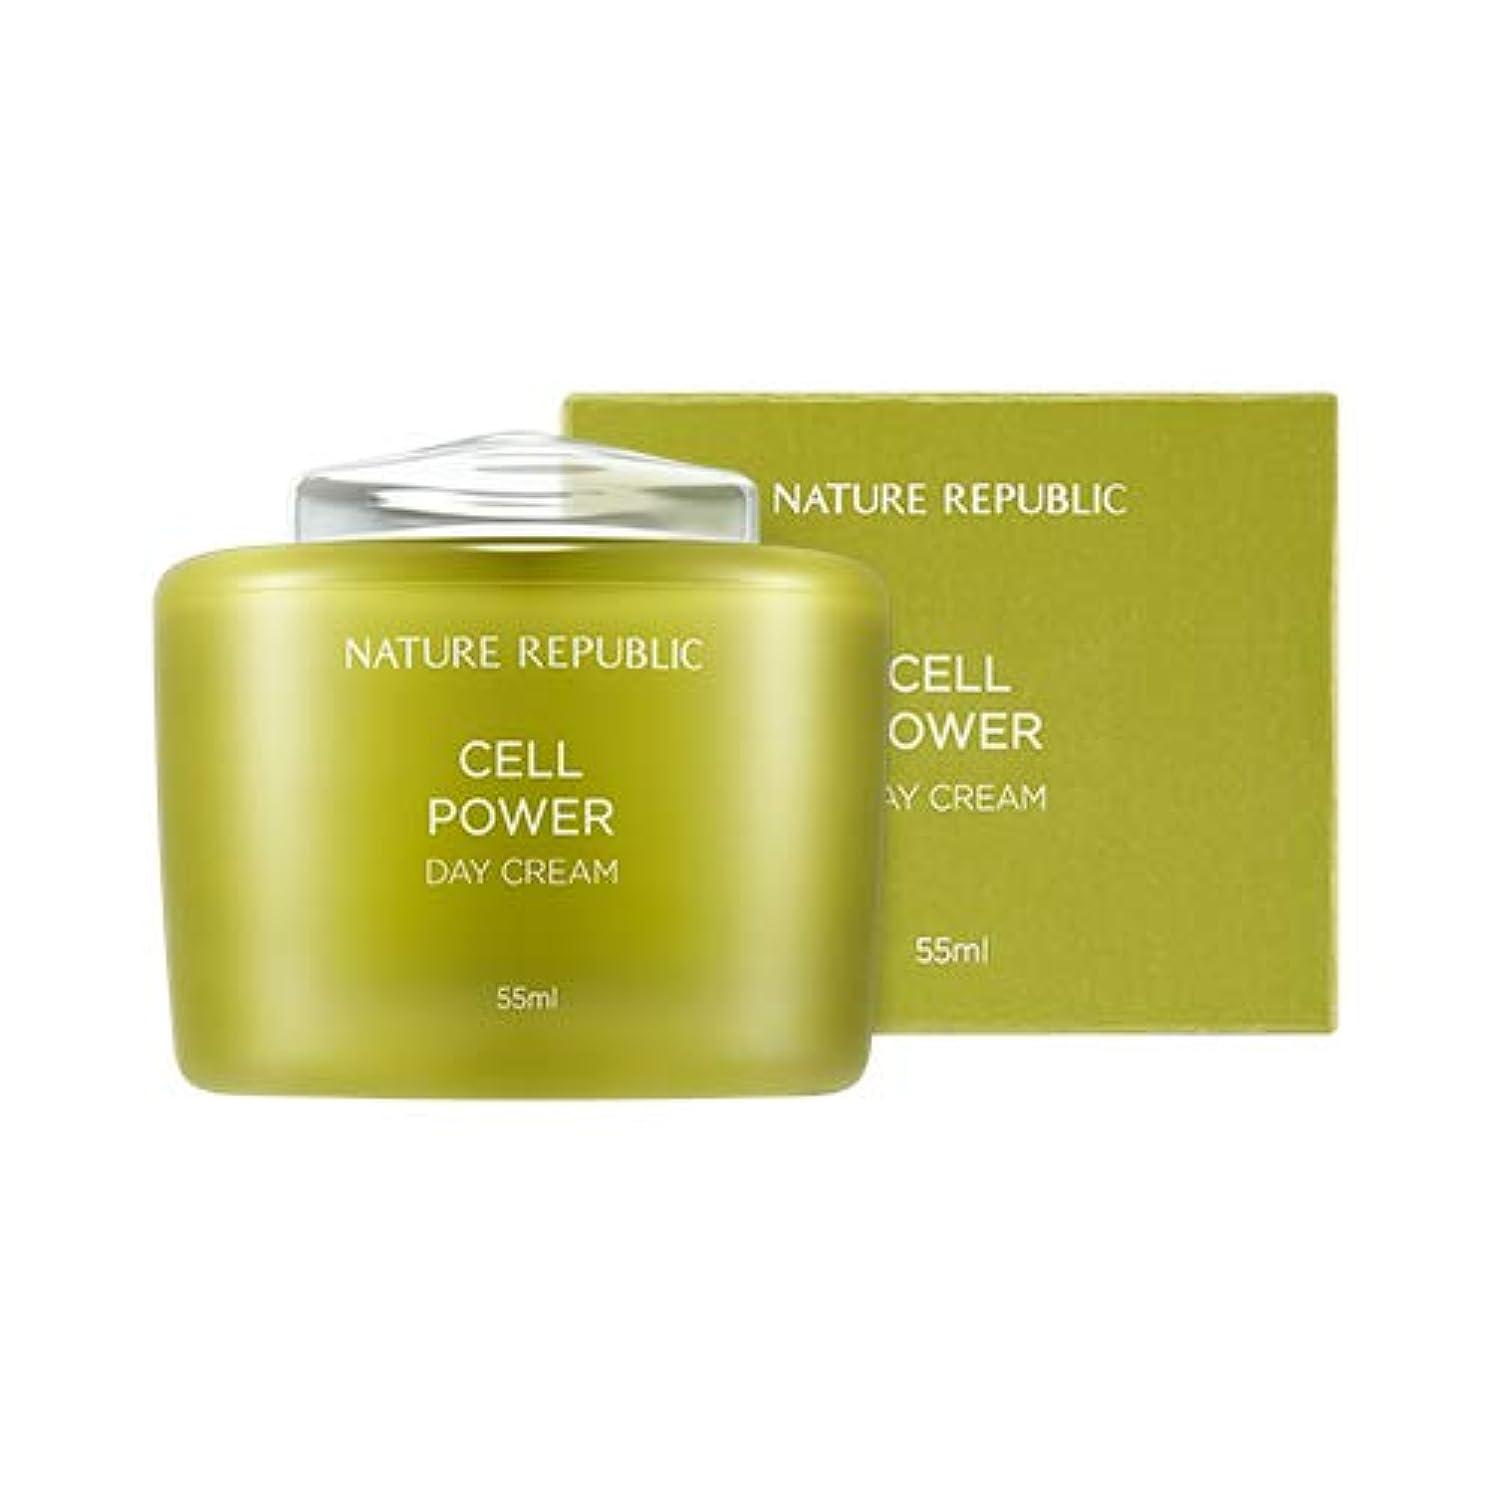 プレビュー小麦粉観光NATURE REPUBLIC Cell Power Day Cream/ネイチャーリパブリック セルパワー デイクリーム 55ml [並行輸入品]